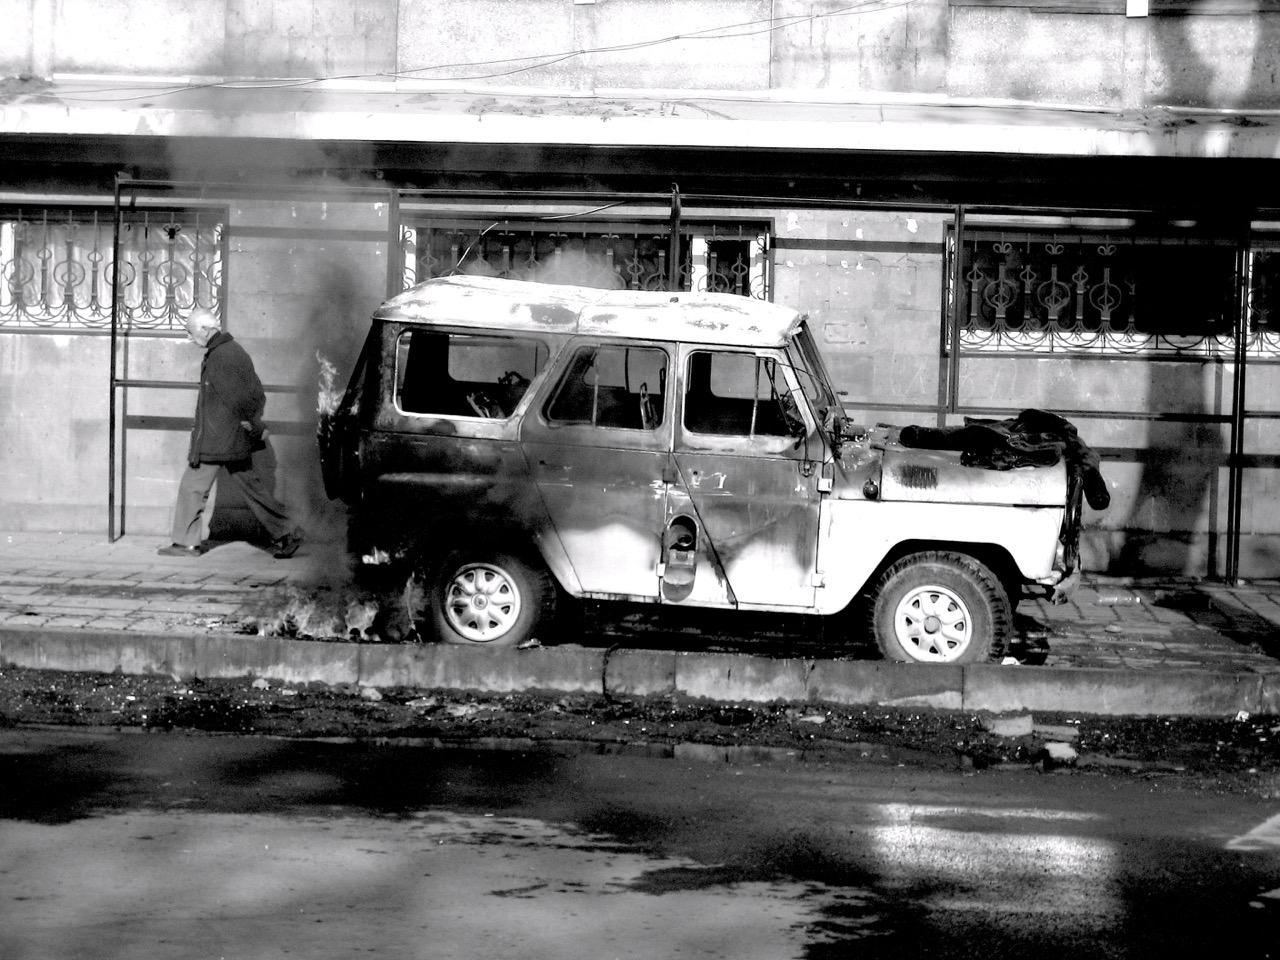 Foto: Brennender Jeep. Aus: Eriwan. Kapitel 3. Aufzeichnungen aus Armenien von Marc Degens.